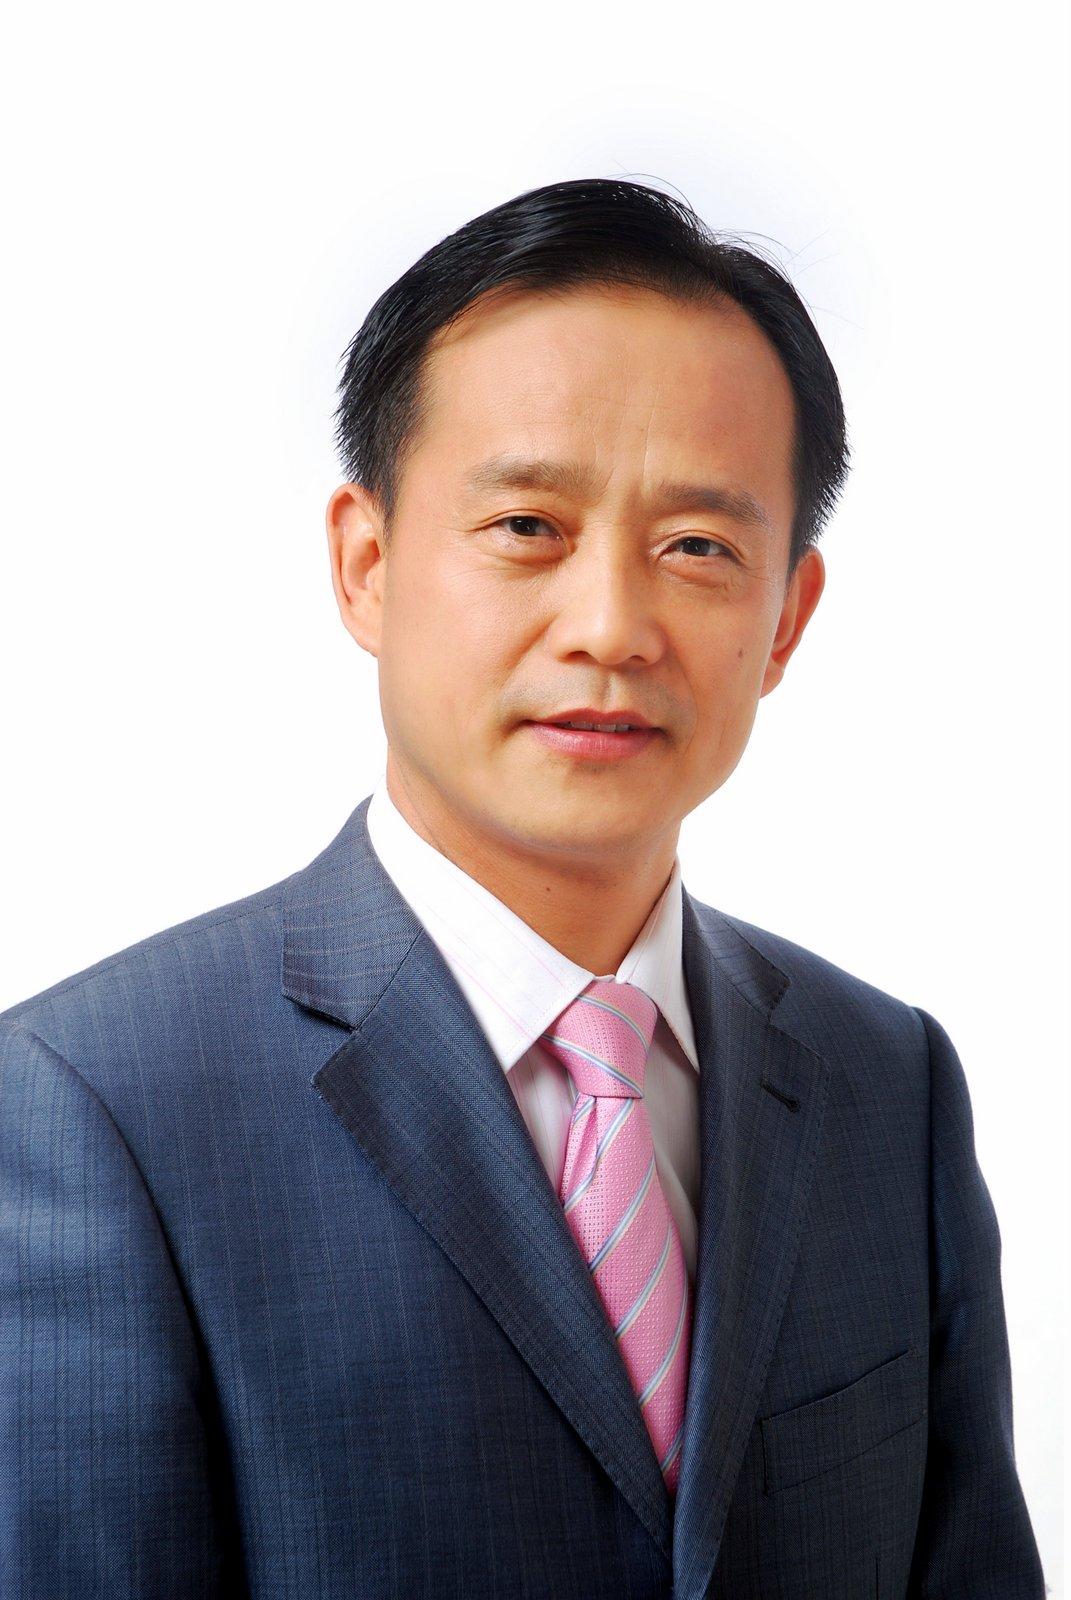 王耀堂顾问